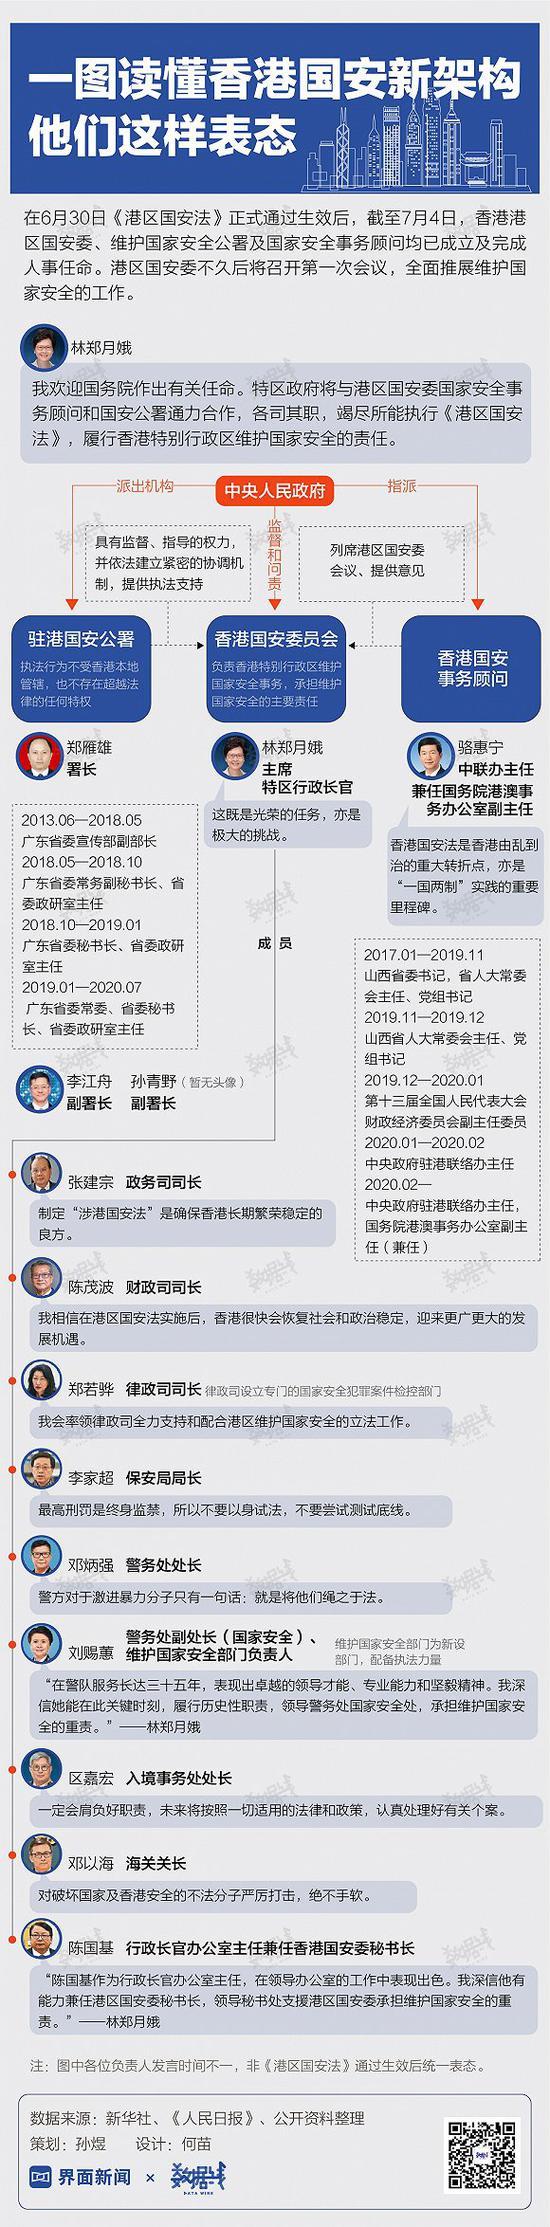 摩天代理懂摩天代理香港国安新架构官员表态支持欢图片